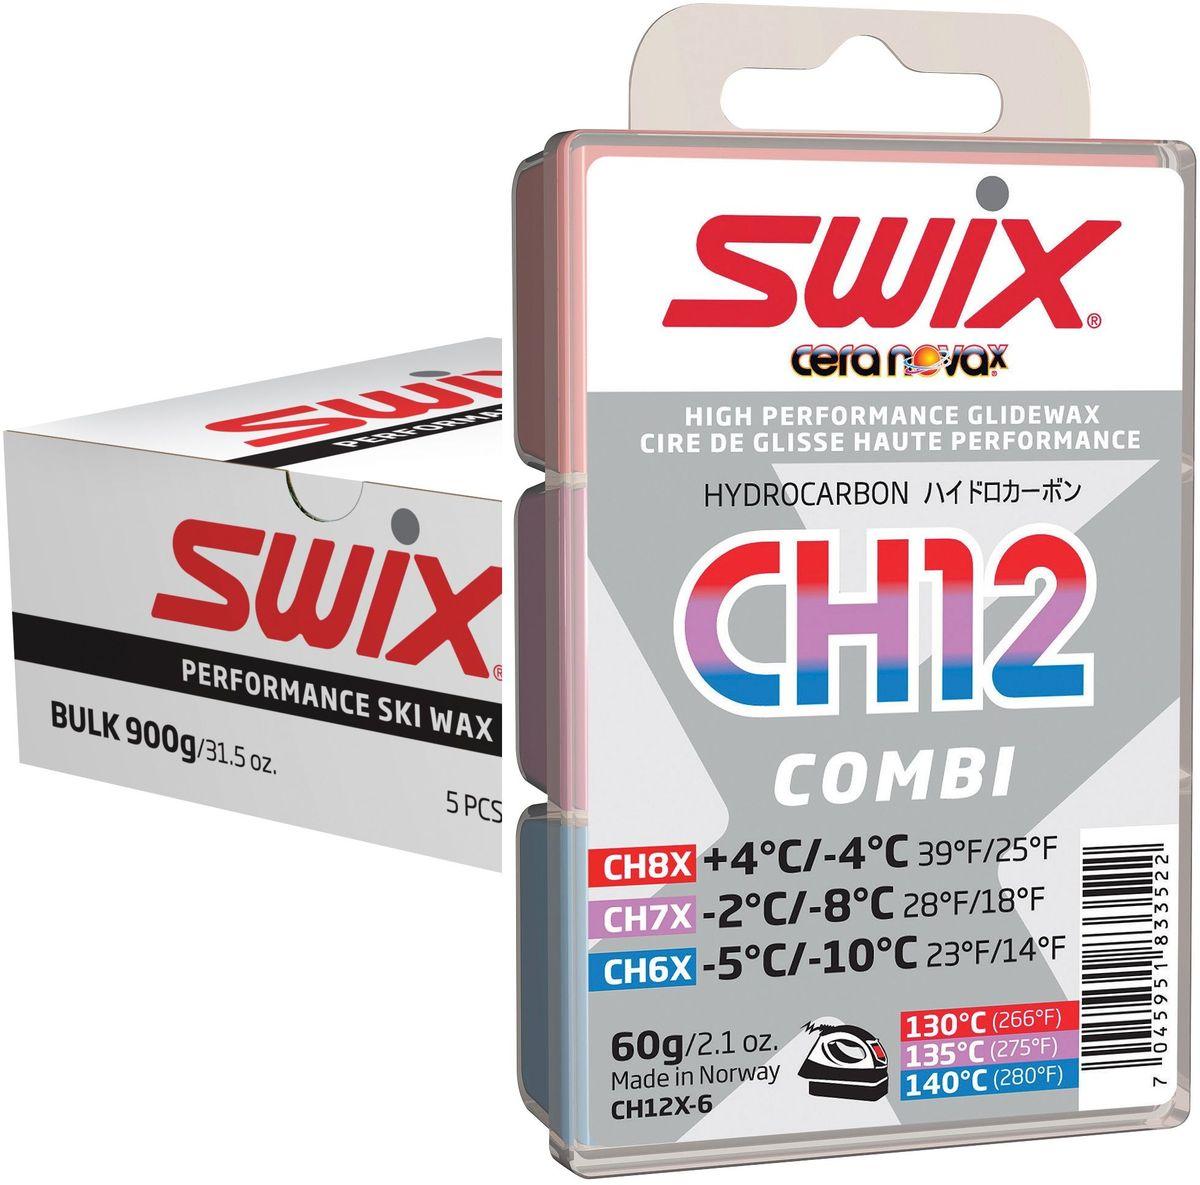 Набор мазей скольжения Swix CH12X Combi Nordic: CH4X, CH6X, CH7X, CH8X, CH10X, по 180 г3B287Содержит: 2 x 180 г CHX5, 1 x 180 гCHX6, CHX7 и CHX8.CH05X-6Температурный диапазон от -8°C до-14°С.Рекомендуемая температура утюга 150°С.Серия 5 является новой в линии Cera Nova X, и заполняет разрыв по твердости между 4-й и 6-й категориями мазей. Легче наносится, чем мази 4й серии, и обеспечивает прекрасные свойства скольжения в пределах своего темпера турного диапазона. Обладает высокой износоустойчивостью. Может использоваться самостоятельно в качестве гоночной мази, но чаще всего служит базовым слоем под порошок FC05X.CH06X-6Температурный диапазон от -5°C до-10°С.Рекомендуемая температура утюга 145°С.Стандартная мазь CH6 была успешной в старой системе Cera Nova, и продолжила свое существование в мази CH06X новой системы. Бюджетная мазь для гонок и тренировок с прекрасными рабочими характеристиками. Также может использоваться в качестве мази для базовой подготовки холодных лыж. CH06X имеет высокую износоустойчивость и показывает прекрасные рабочие характеристики на искусственному снегу и в условиях ледника.CH07X-6Температурный диапазон от -2°C до -8°С.Рекомендуемая температура утюга 140°С.Новая и улучшенная мазь, универсальная, подходит для нормальных зимних кондиций ниже точки замерзания. Твердая концистенция этой мази делает ее удобной в работе по нанесению на скользящую поверхность для того, чтобы получить хороший конечный результат. Бюджетная мазь для гонок и тренировок с прекрасными рабочими характеристиками. Также может использоваться в качестве универсальной мази для базовой подготовки.CH08X-6Температурный диапазон от +4°C до-4°С.Рекомендуемая температура утюга 130°С.Продолжение стандартной мази CH8. Бюджетная мазь для гонок и тренировок с прекрасными рабочими характеристиками. Также может использоваться в качестве мази для базовой подготовки теплых лыж. отличная мазь как для базовой подготовки лыж, так и для тренировок. Легко плавится и удобна в работе.